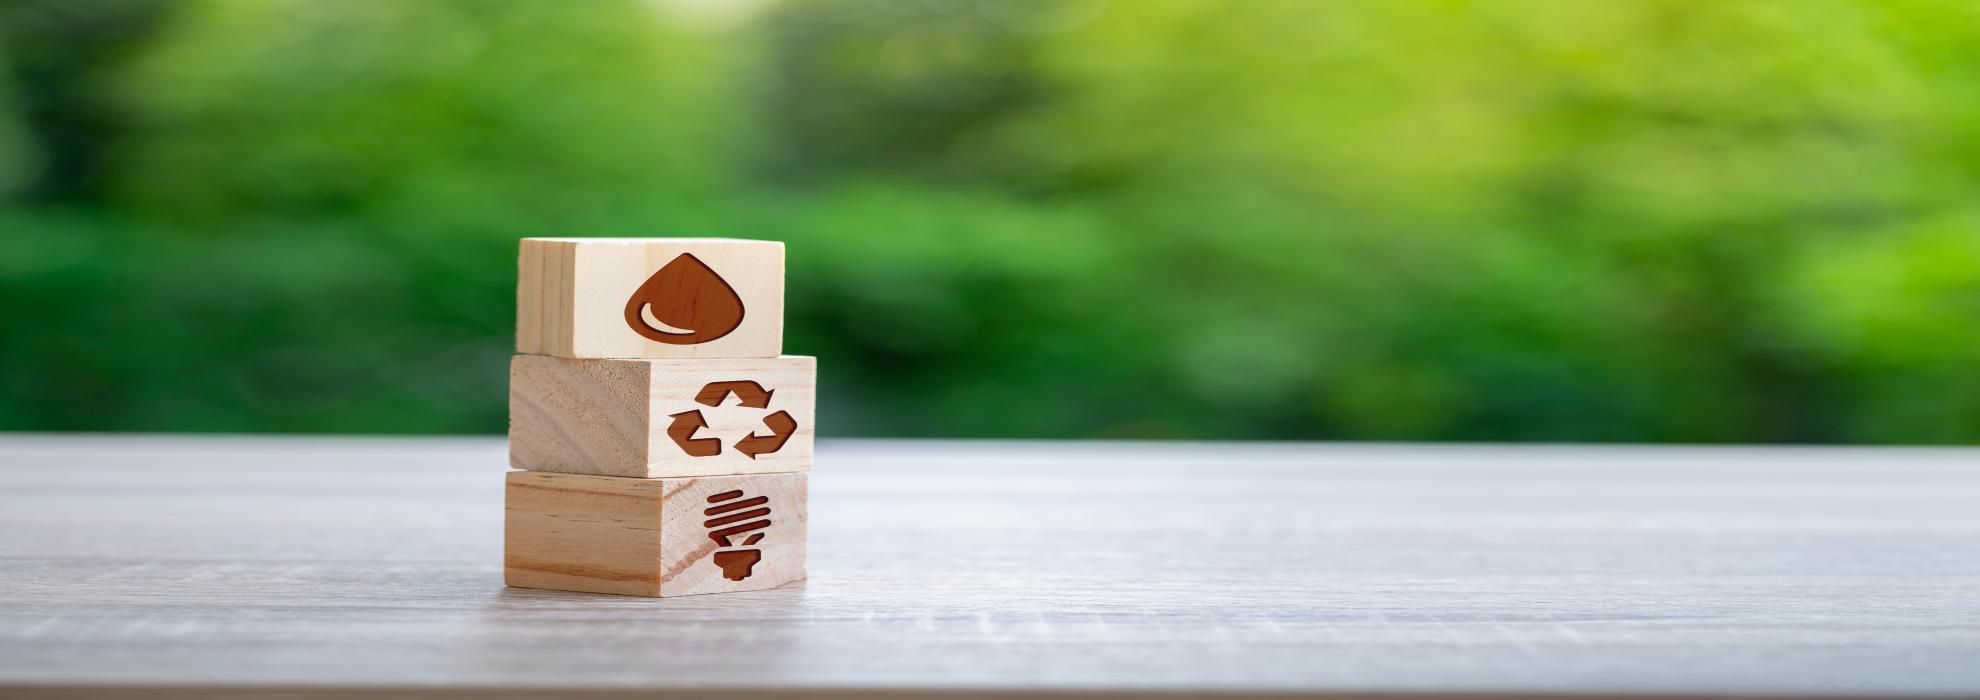 Sostenibilità, ecodesisgn, eventi sostenibili